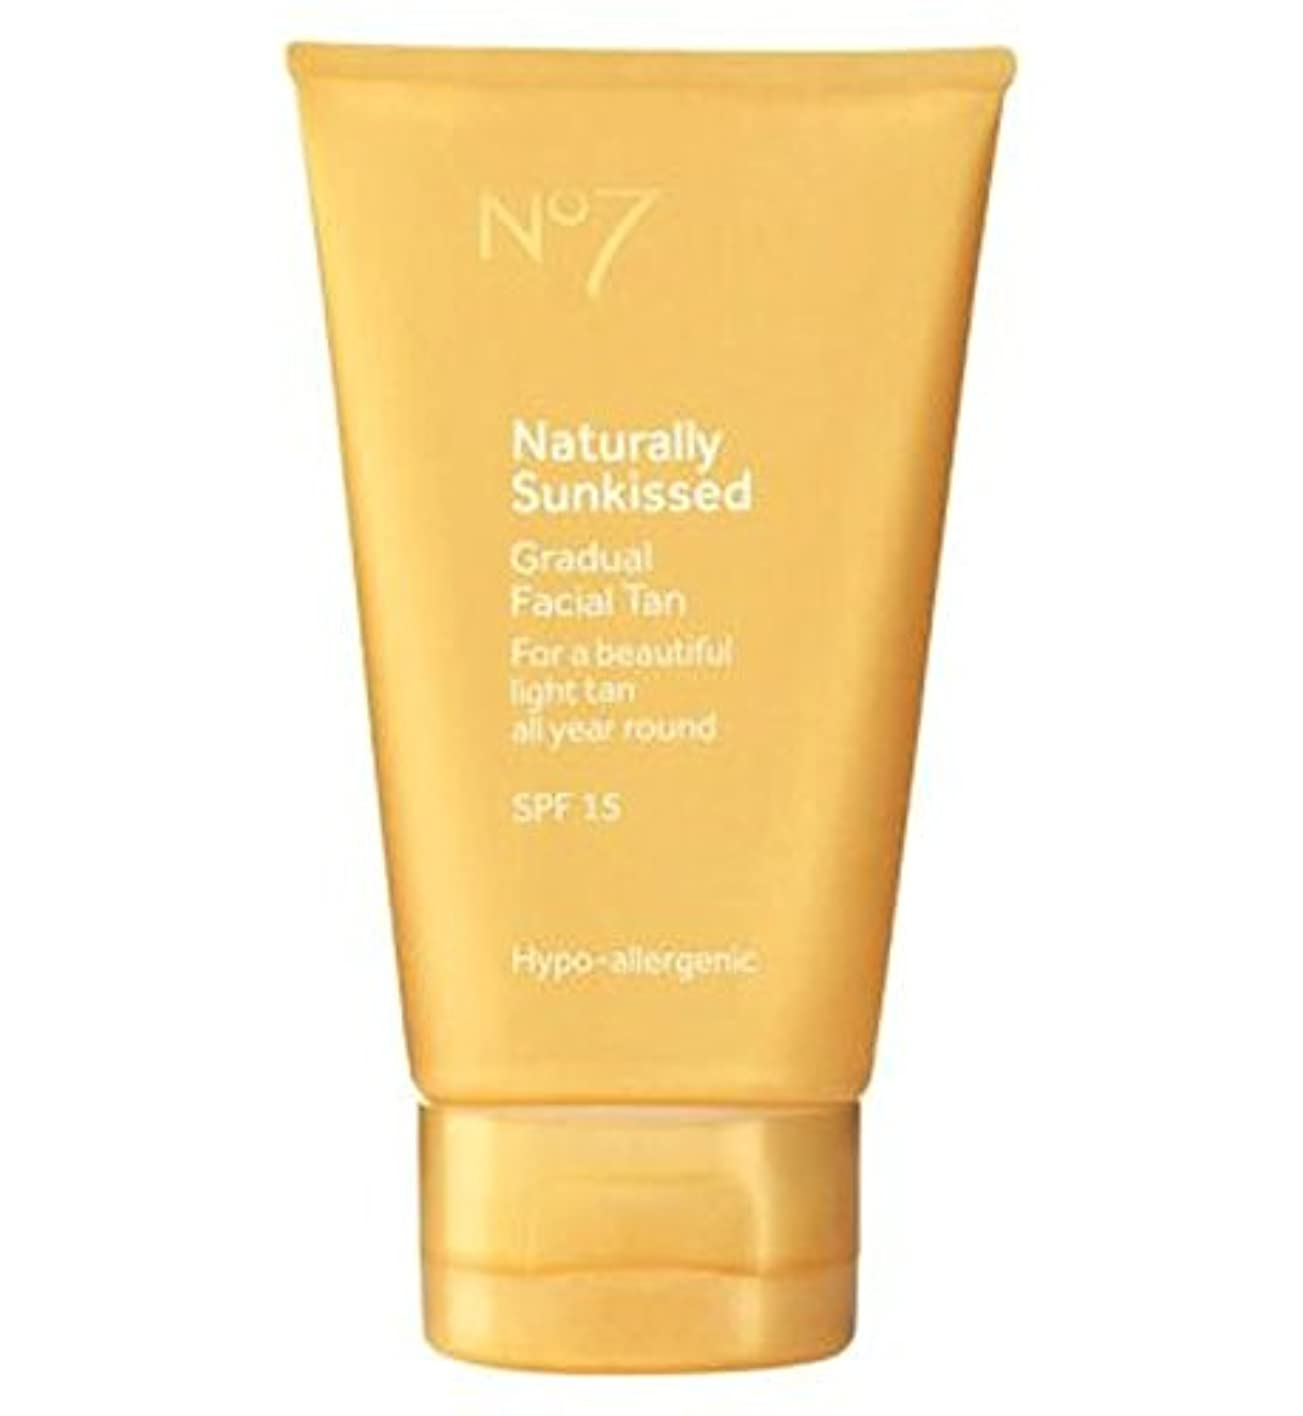 億誘発するとNo7は自然に太陽が緩やかな顔日焼けSp15にキスをしました (No7) (x2) - No7 Naturally Sun Kissed Gradual Face Tan SP15 (Pack of 2) [並行輸入品]